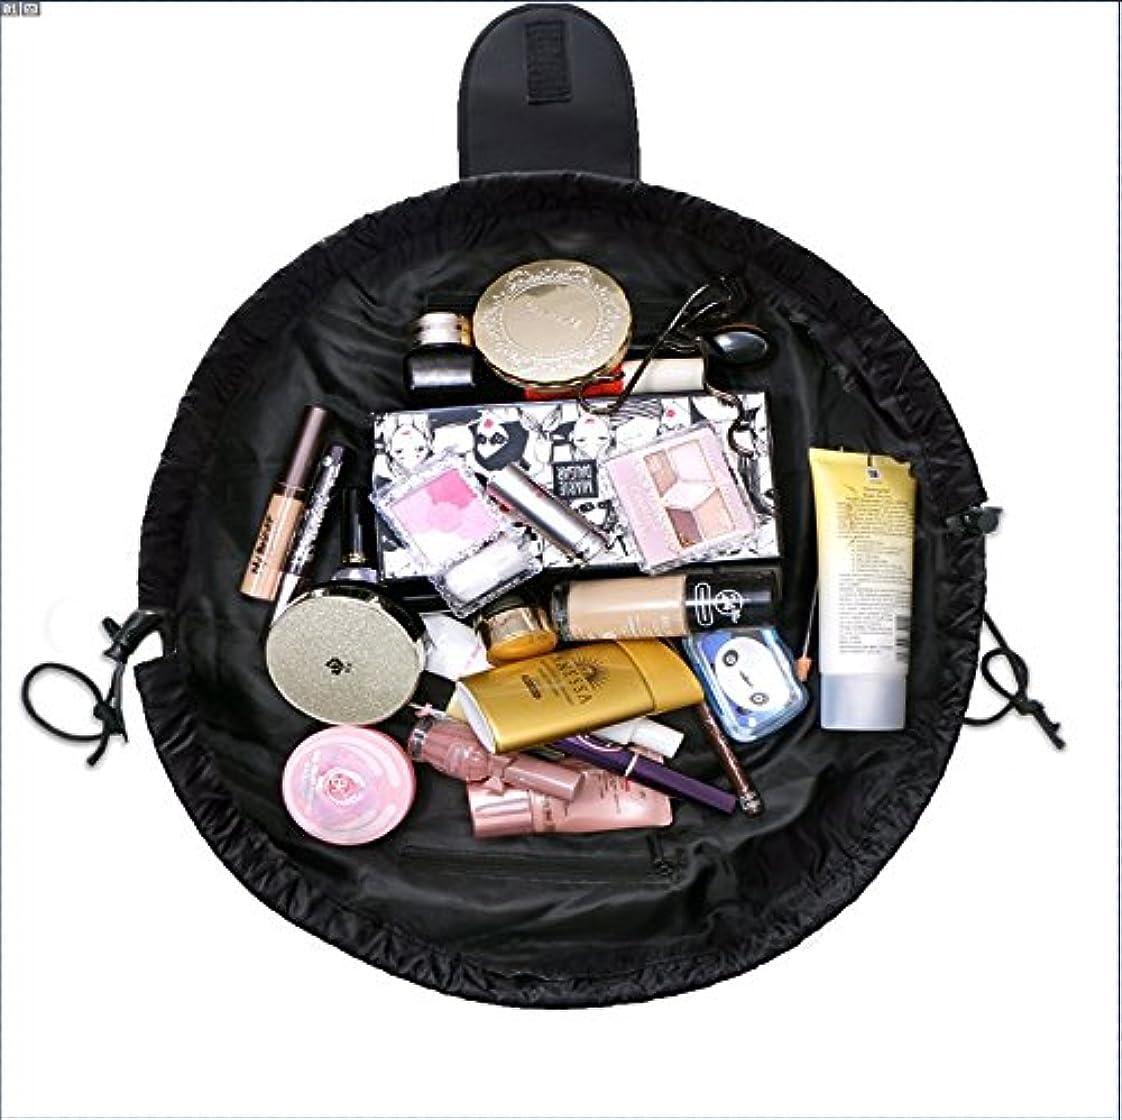 襟数値トランザクション旅行化粧バッグ ファッションお手軽カジュアル巾着旅行防水大容量の化粧バック (ブラック)